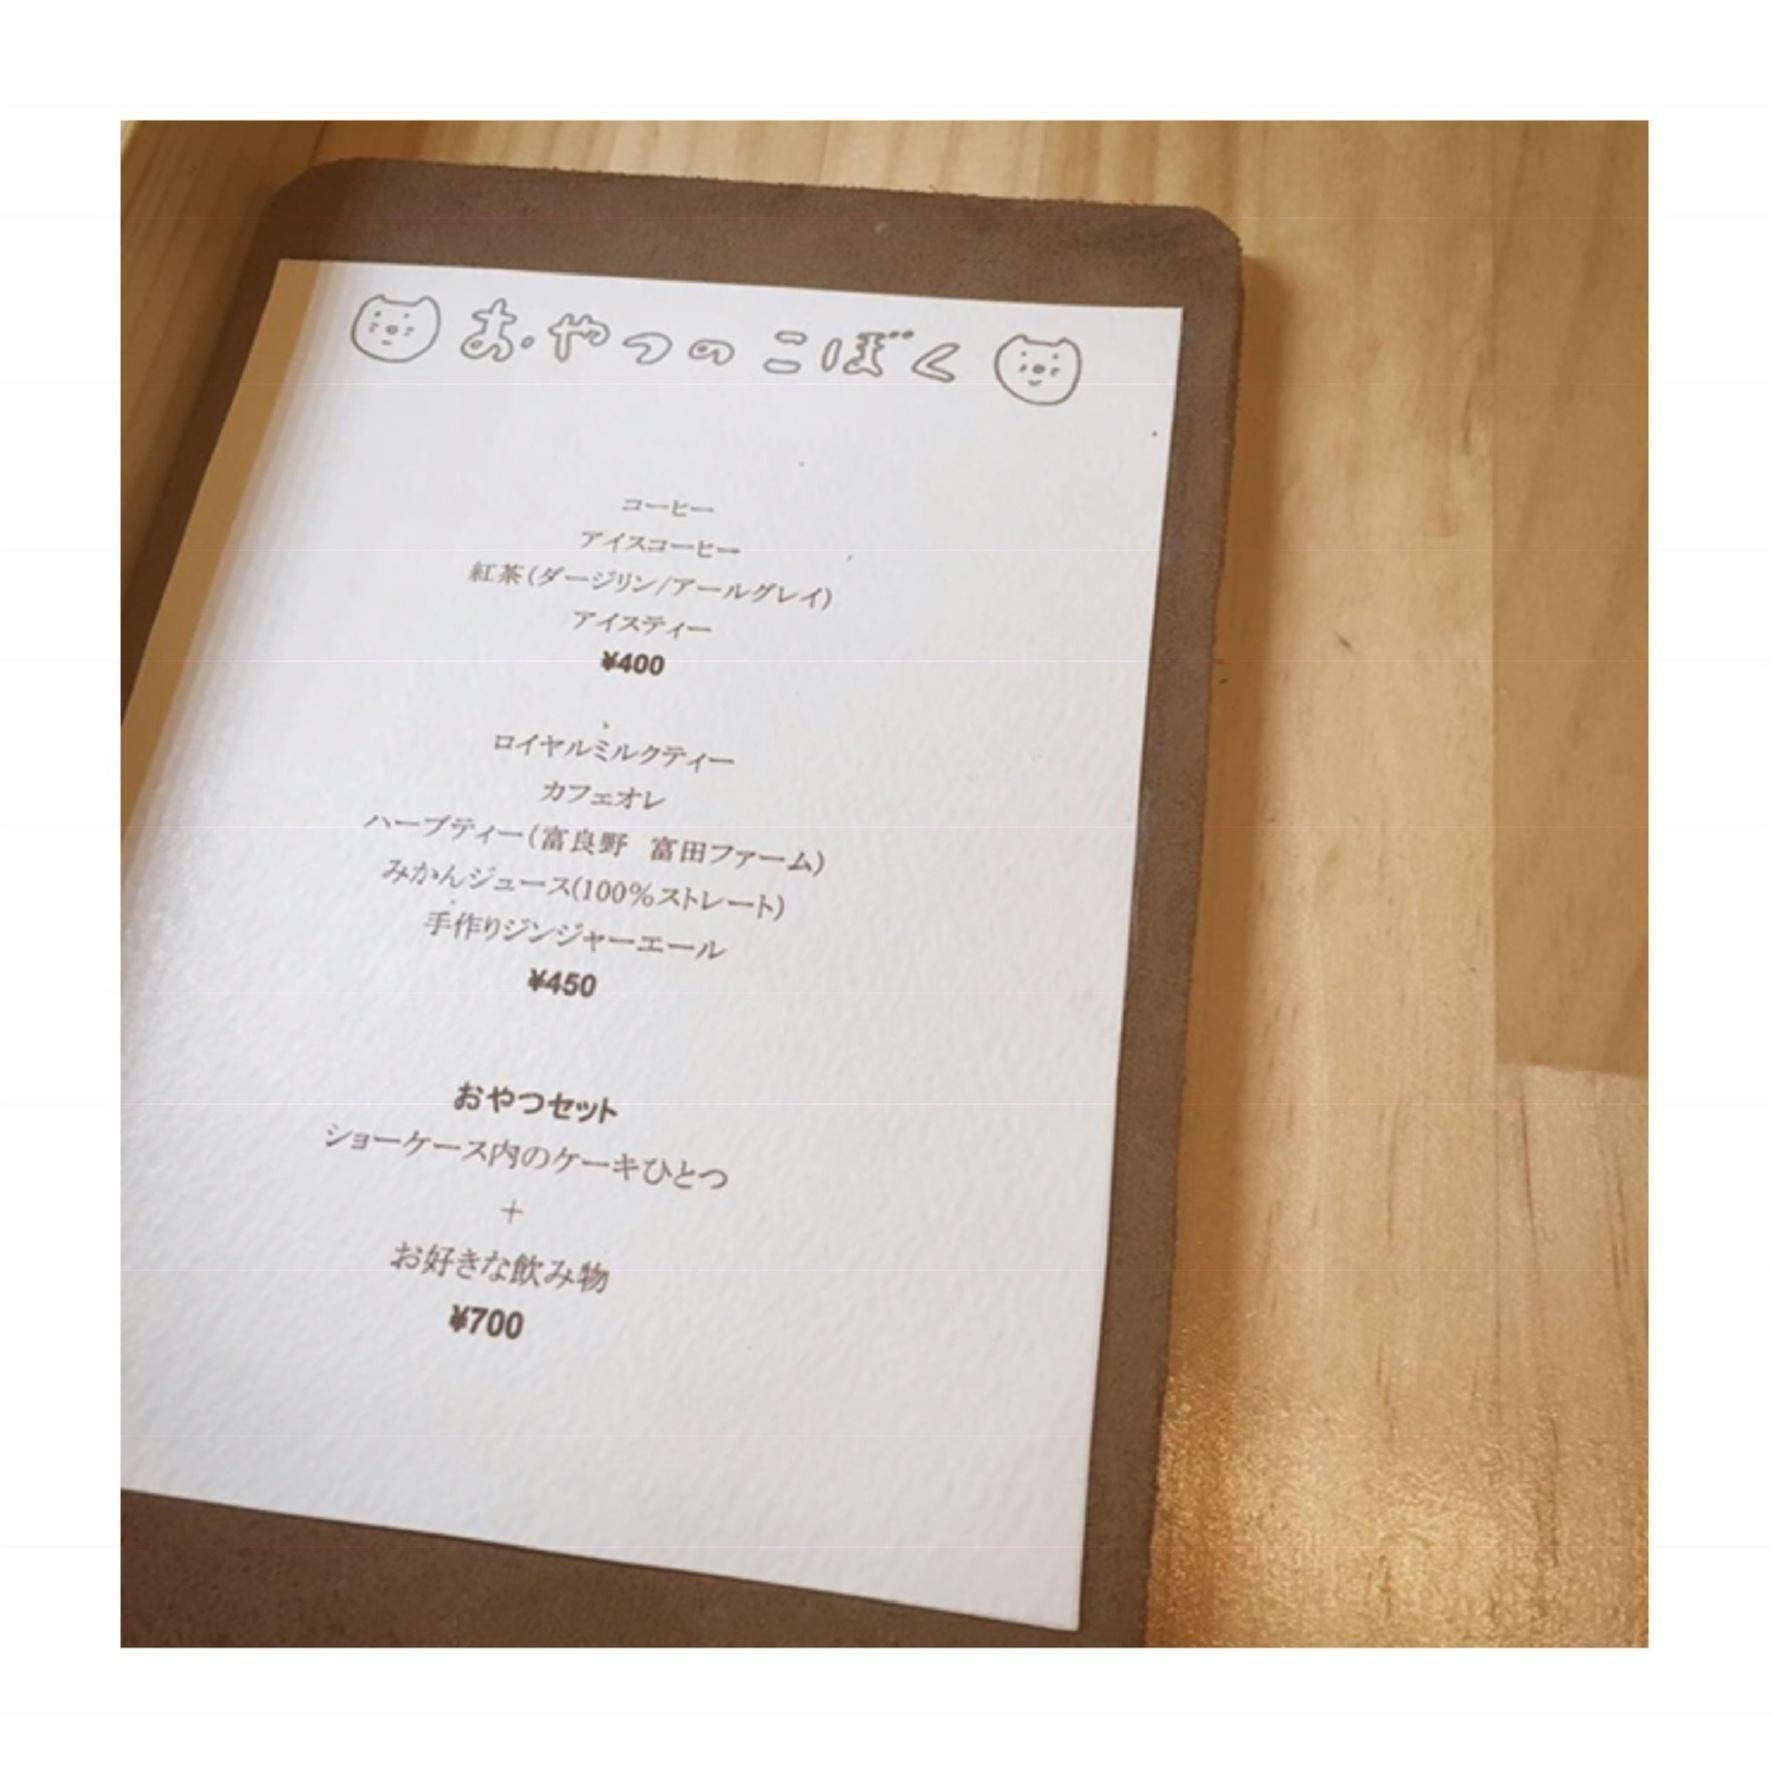 #17【#cafestagram】❤️:《東京•浜町》行列のできる大人気の素敵カフェ*『おやつのこぼく』☻_4